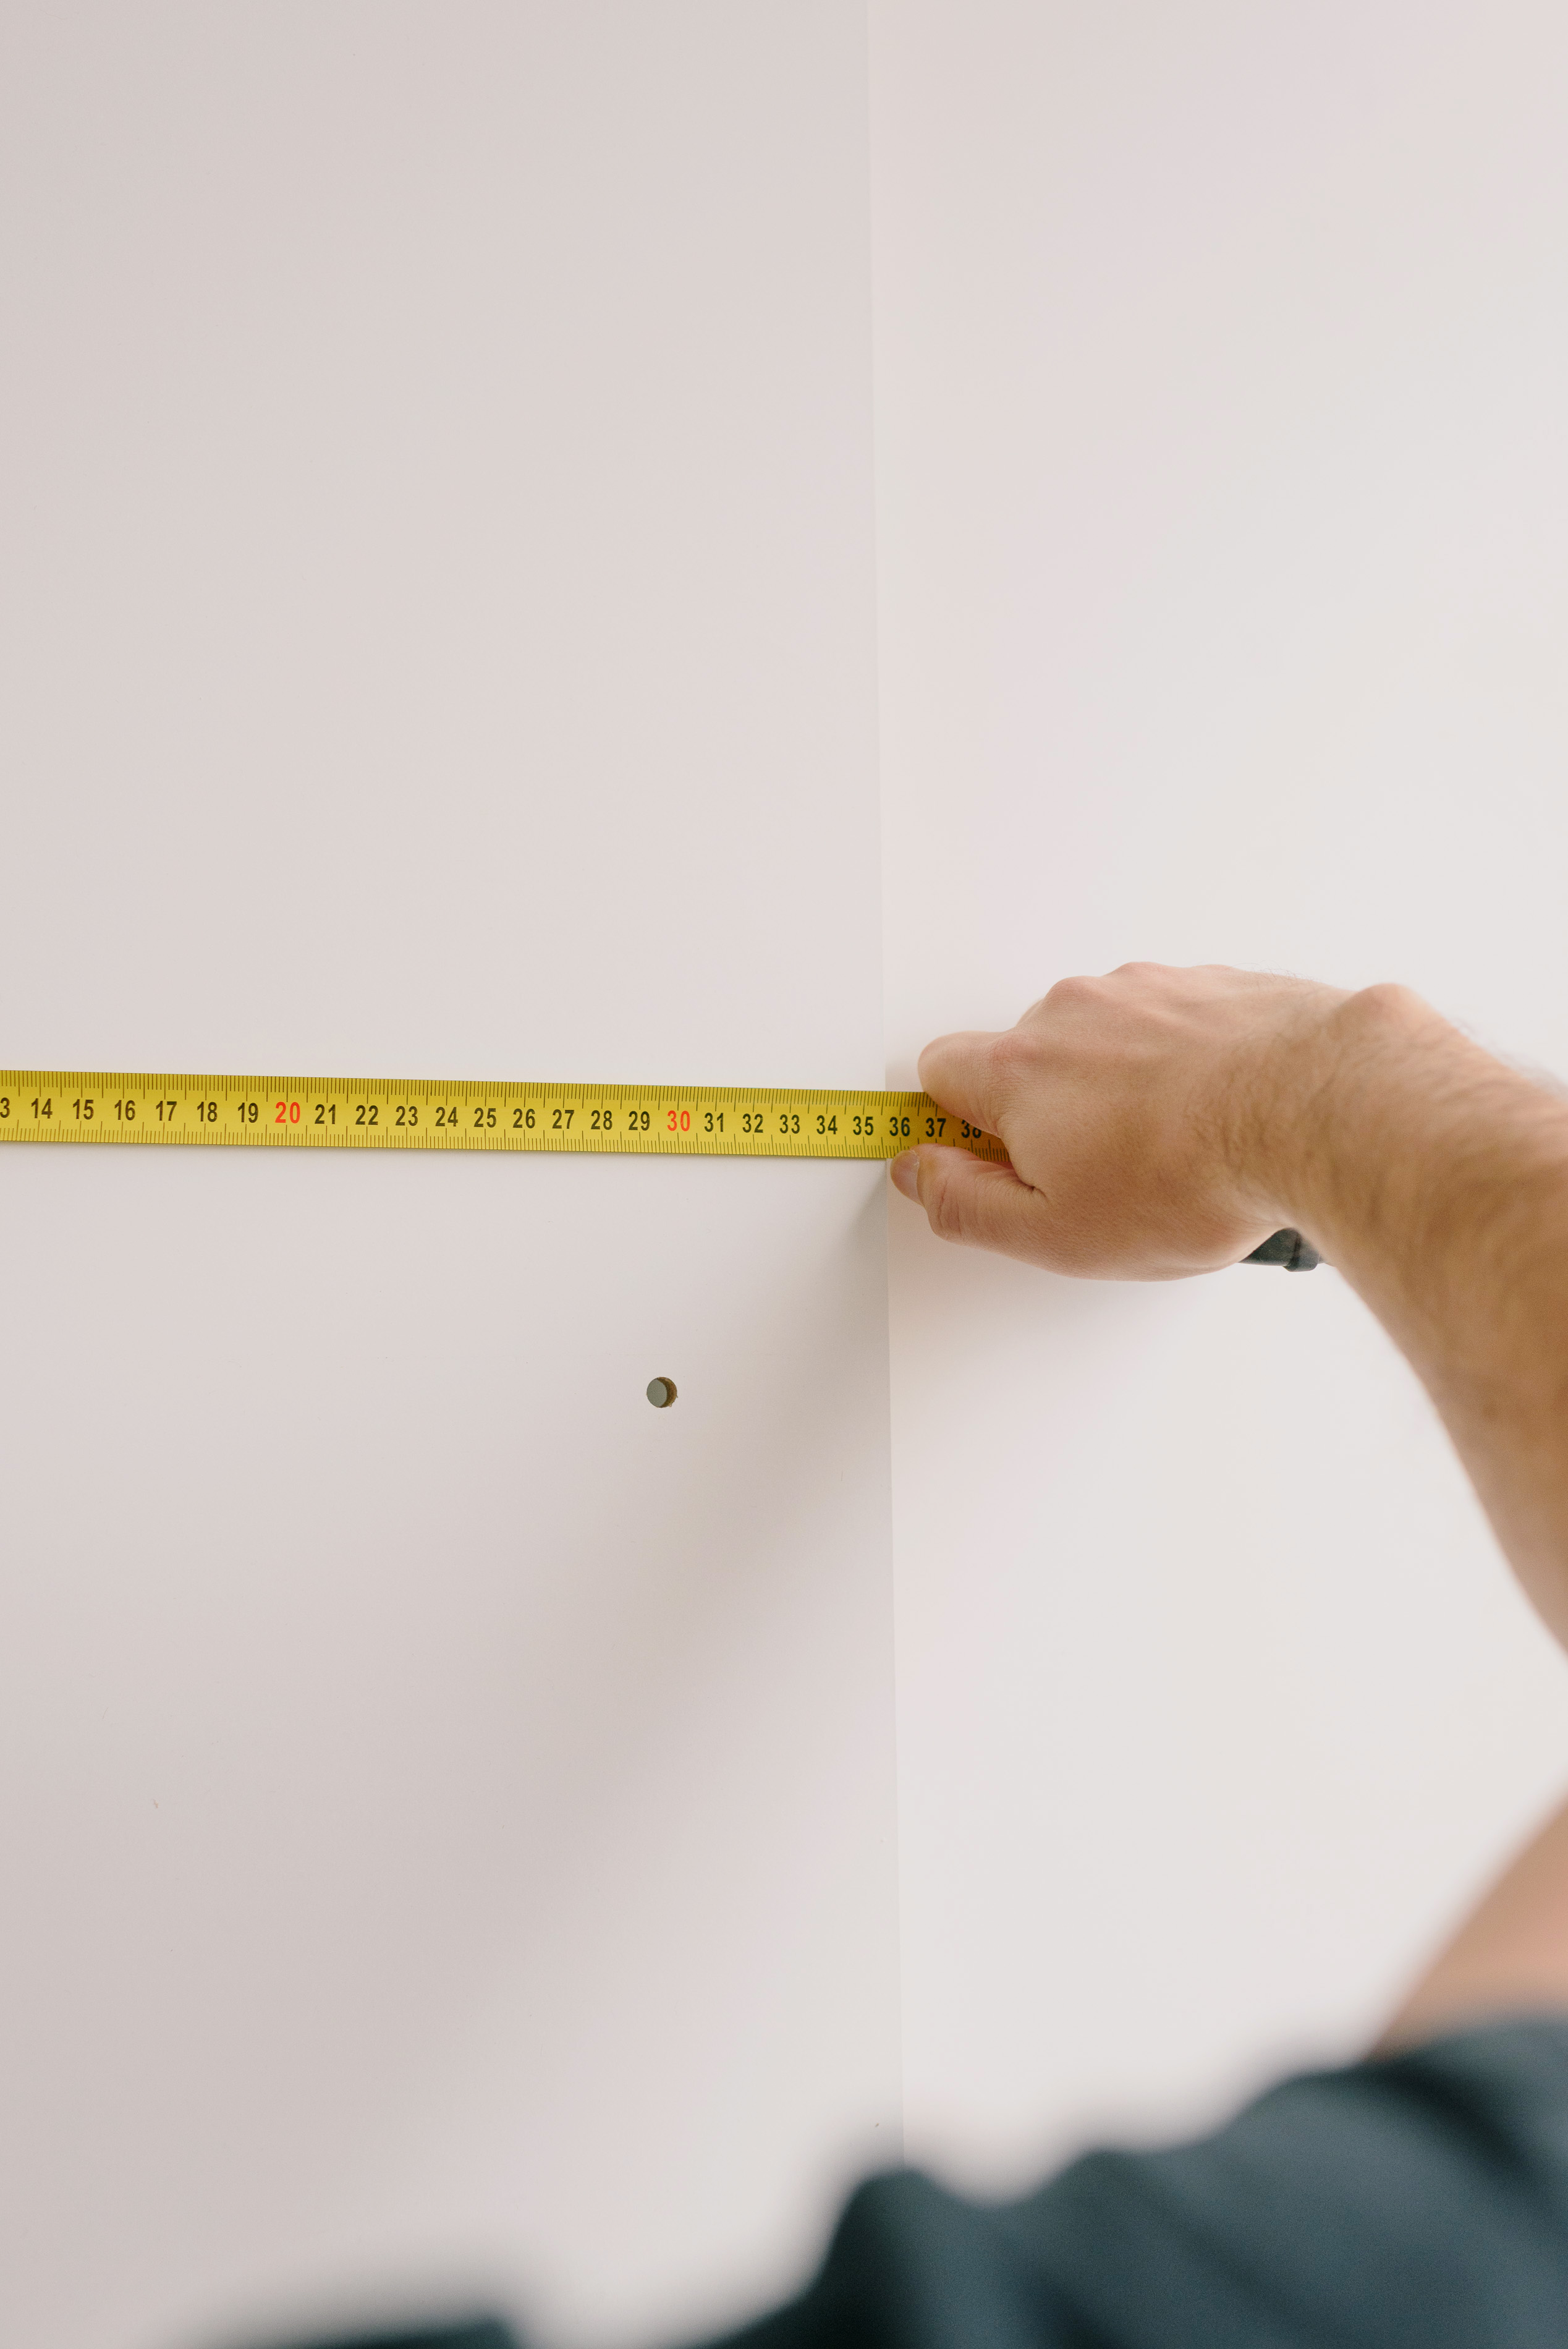 crop man measuring wall at home